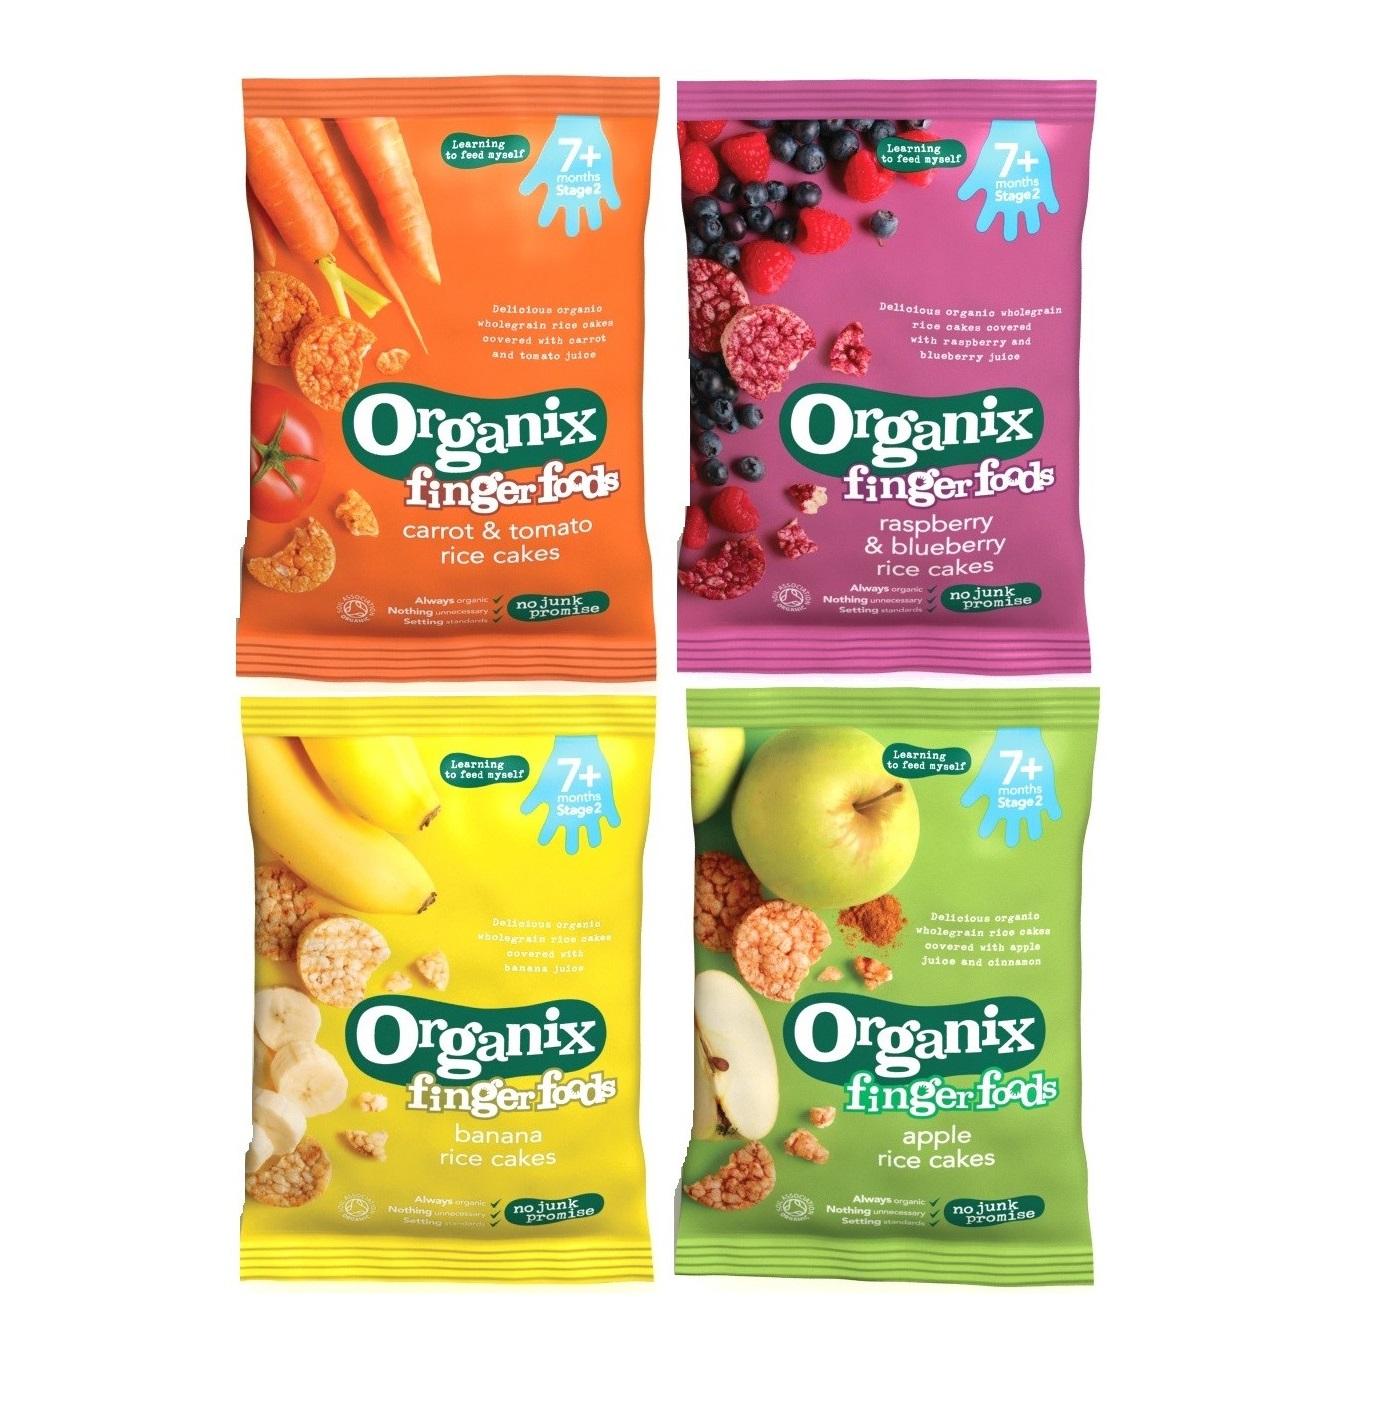 英國Organix 有機寶寶米餅系列 (50g)